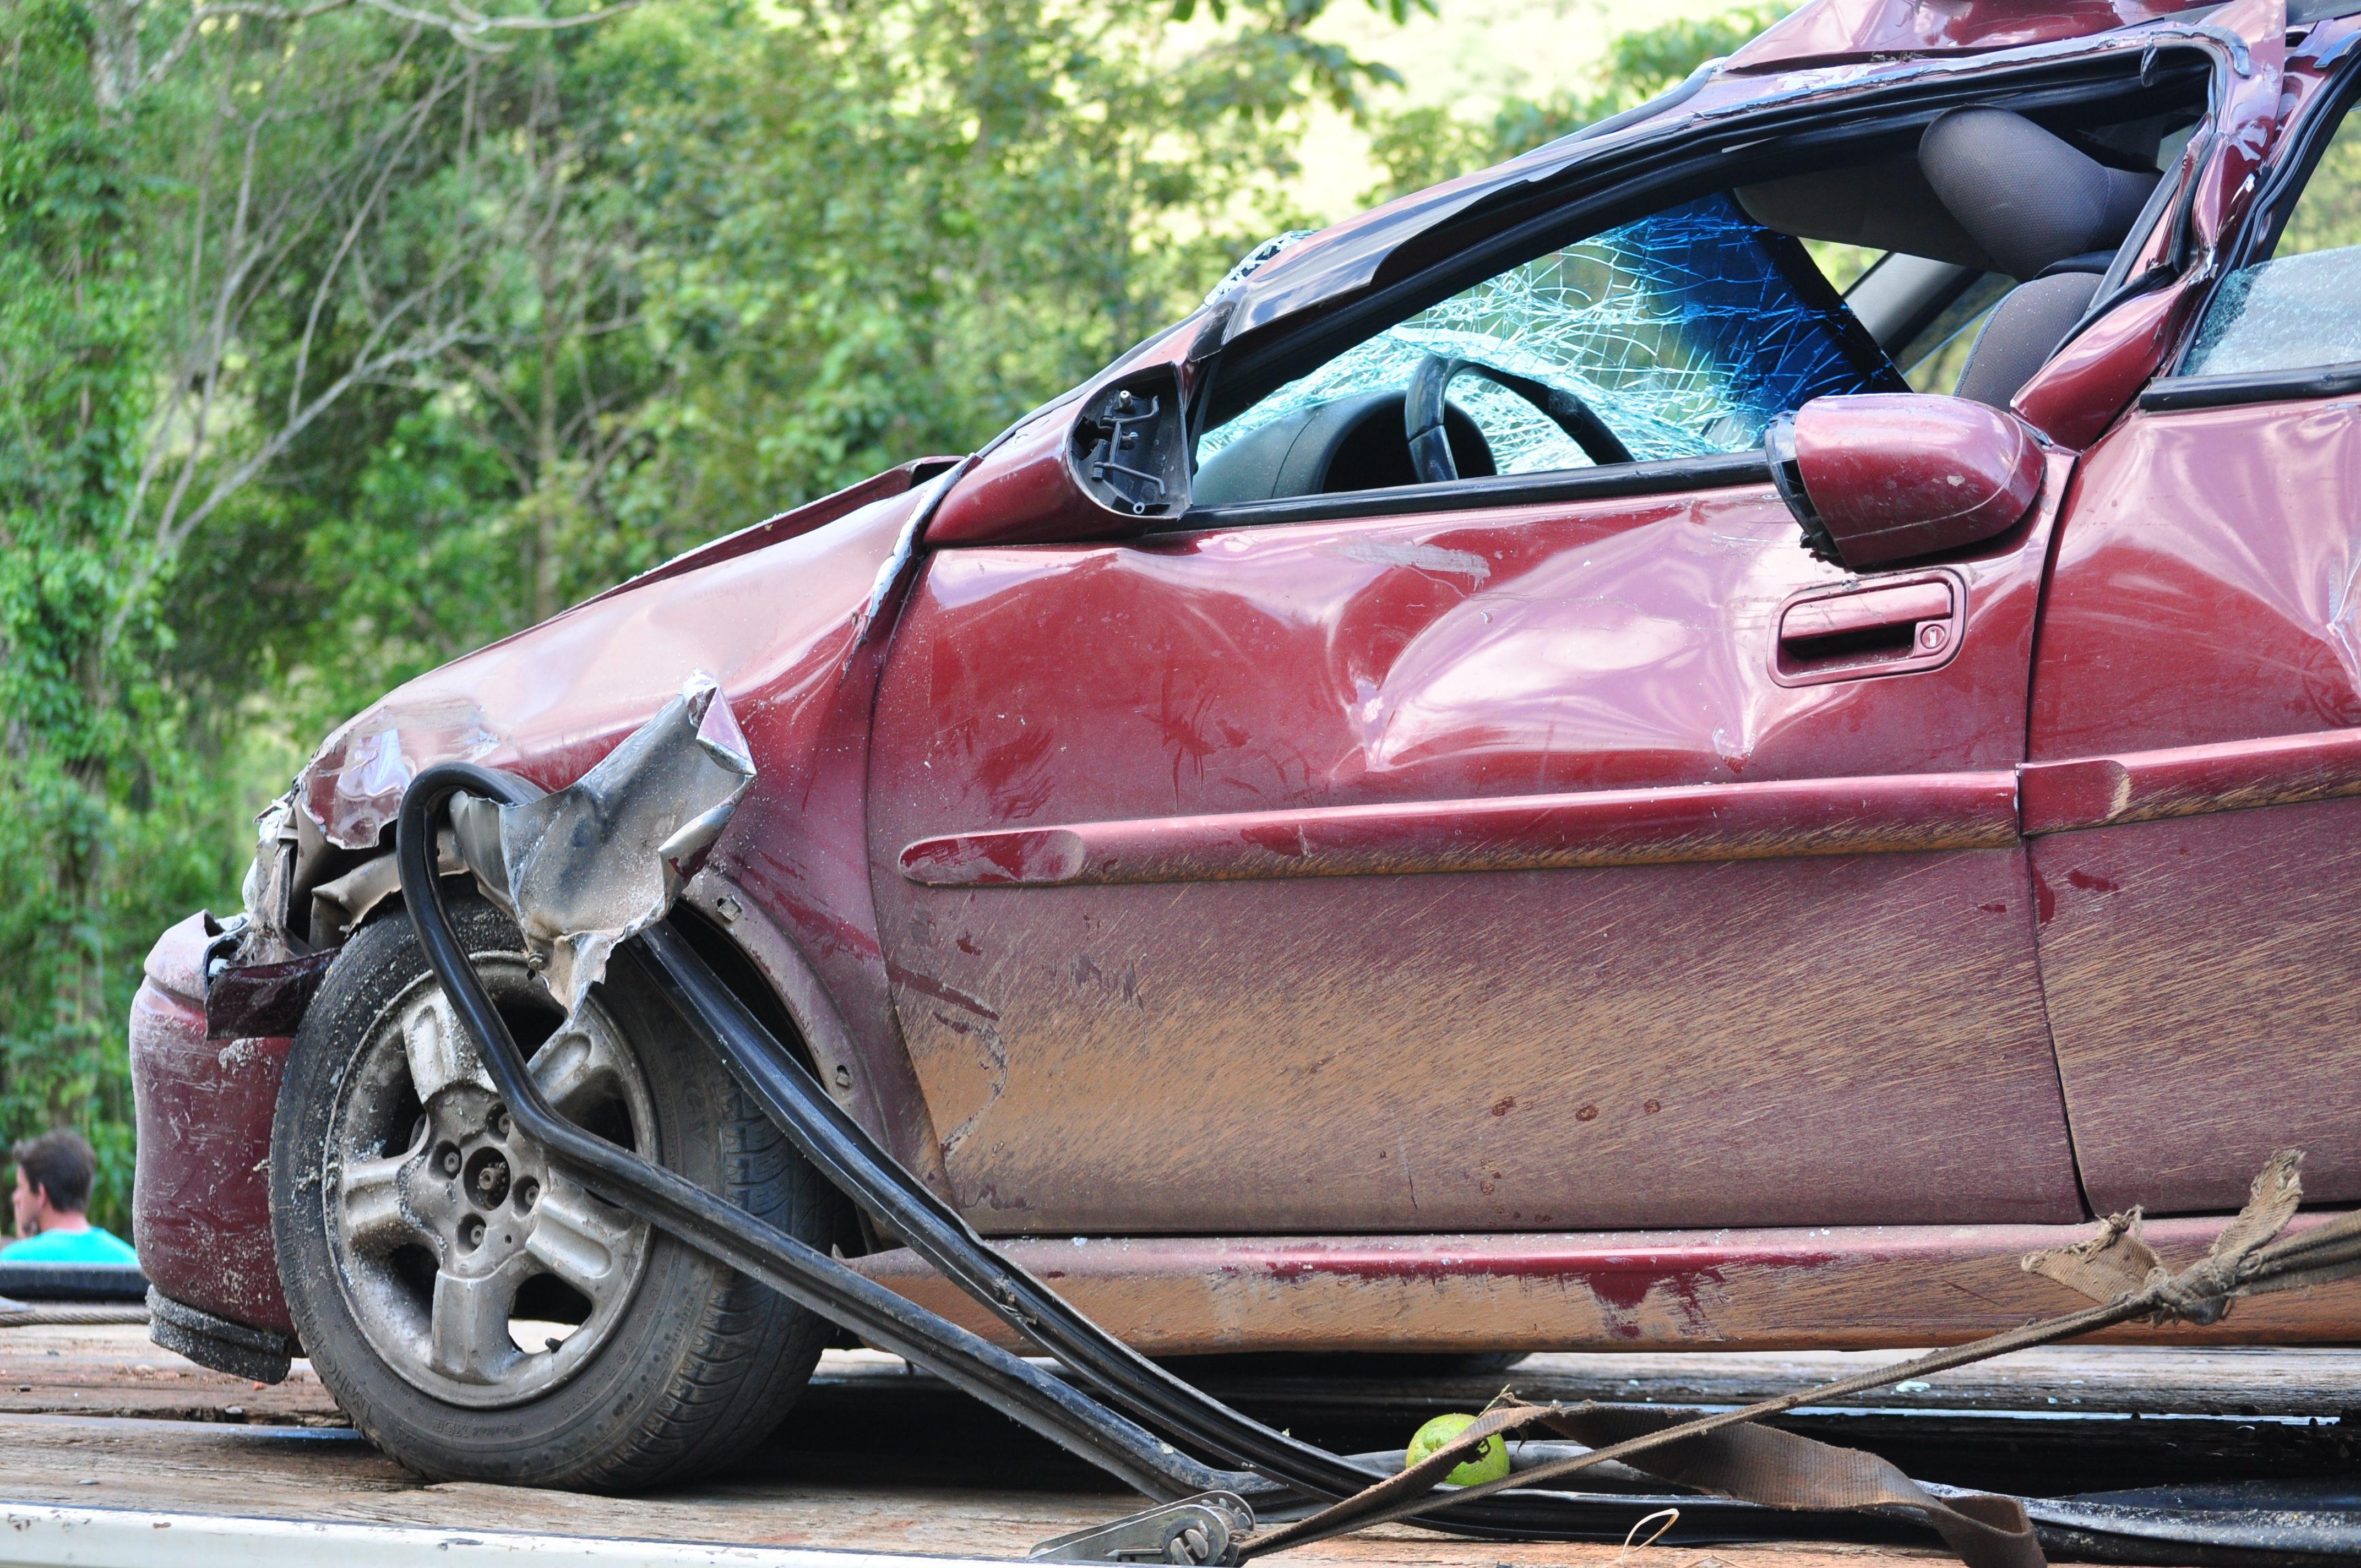 Unfall - was tun? Vielemobile gibt Tipps für's richtige Verhalten